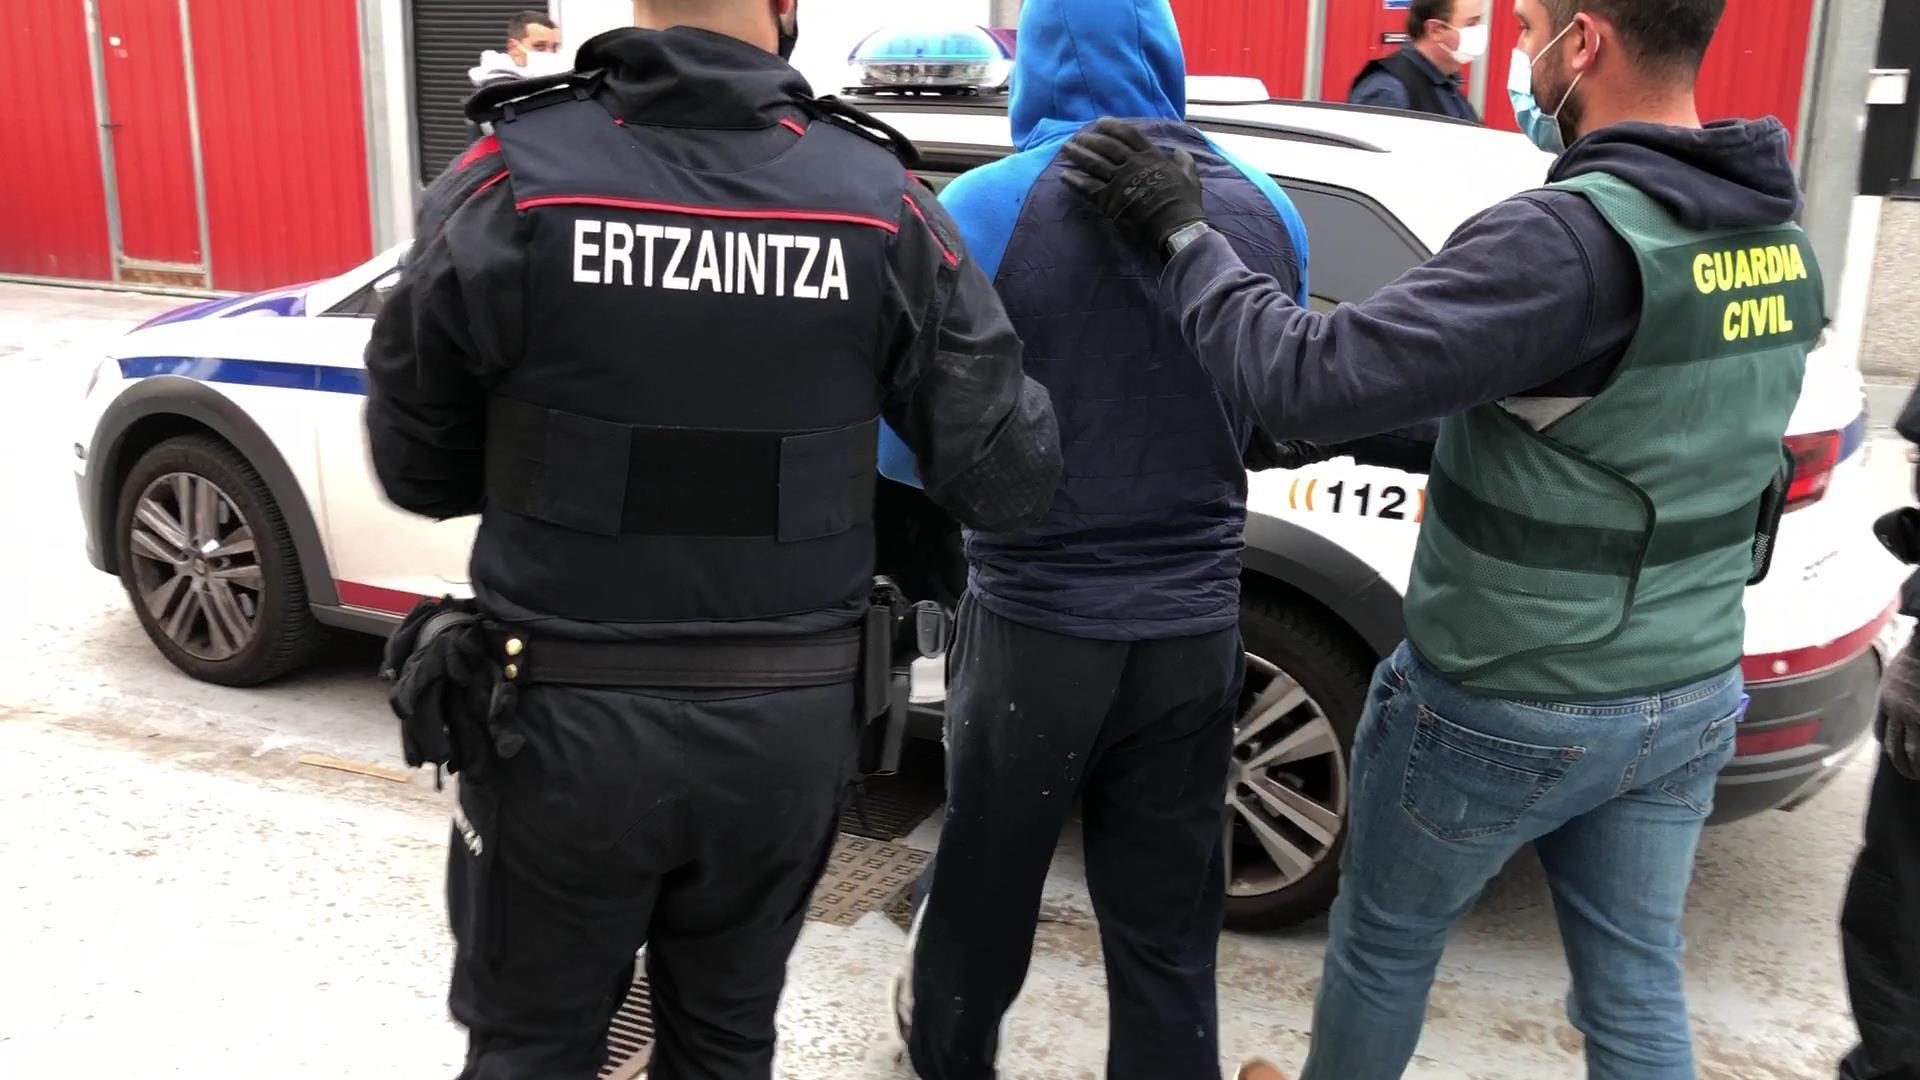 Una operación conjunta entre la Ertzaintza y la Guardia Civil permite desmantelar un punto de venta de drogas en Gorliz (Bizkaia) [1:40]